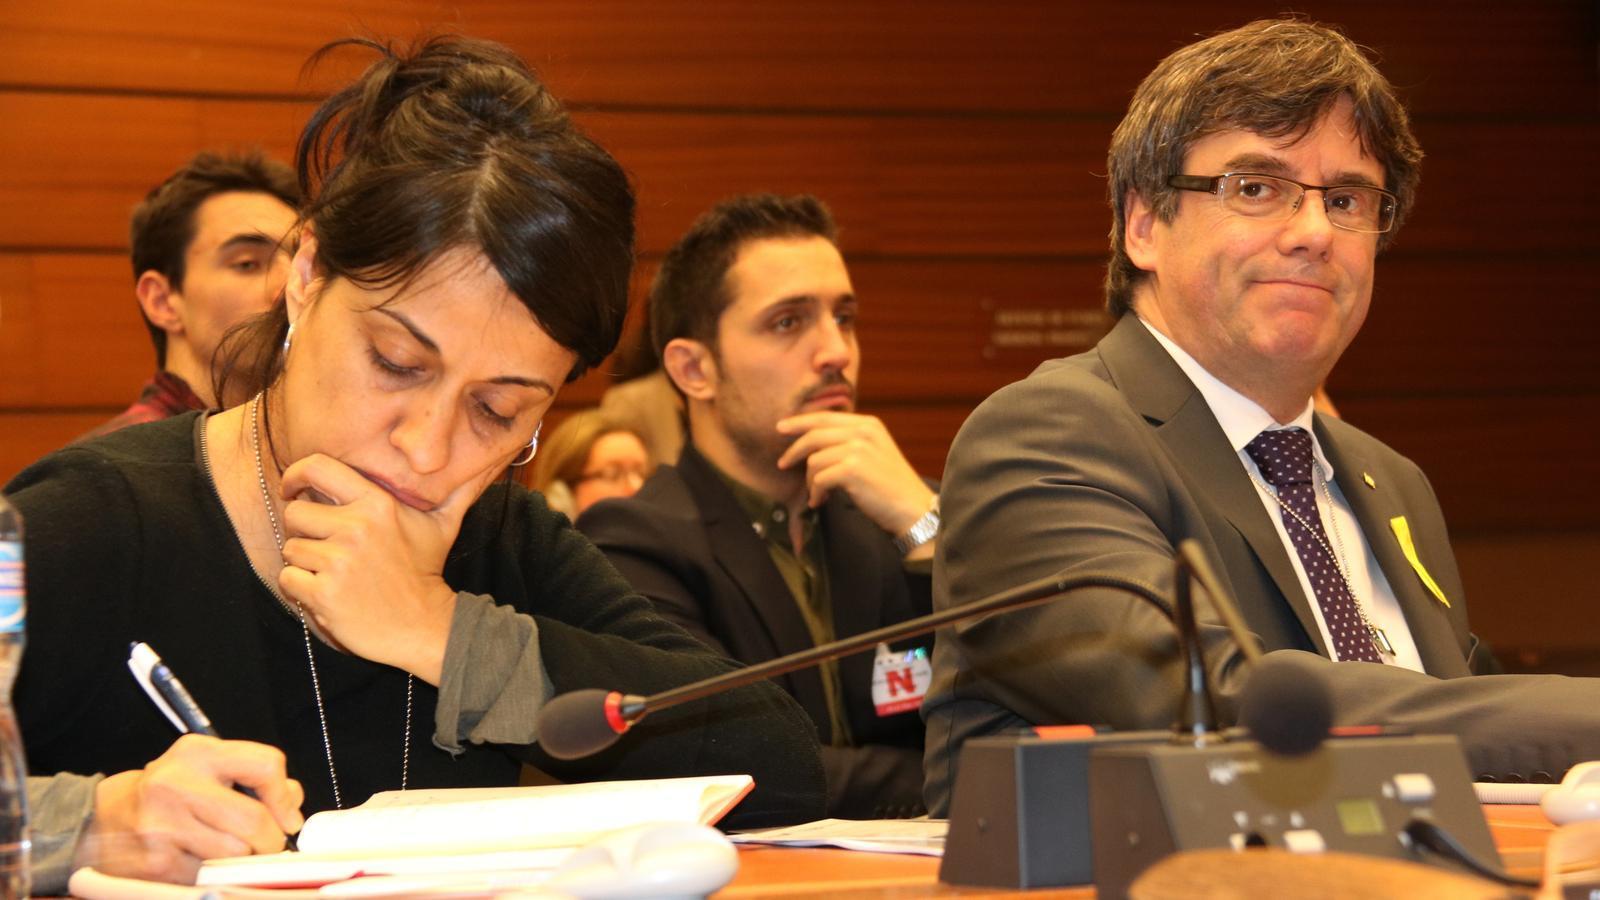 Puigdemont assisteix en un acte a la ONU que assenyala la regressió dels drets humans a Espanya